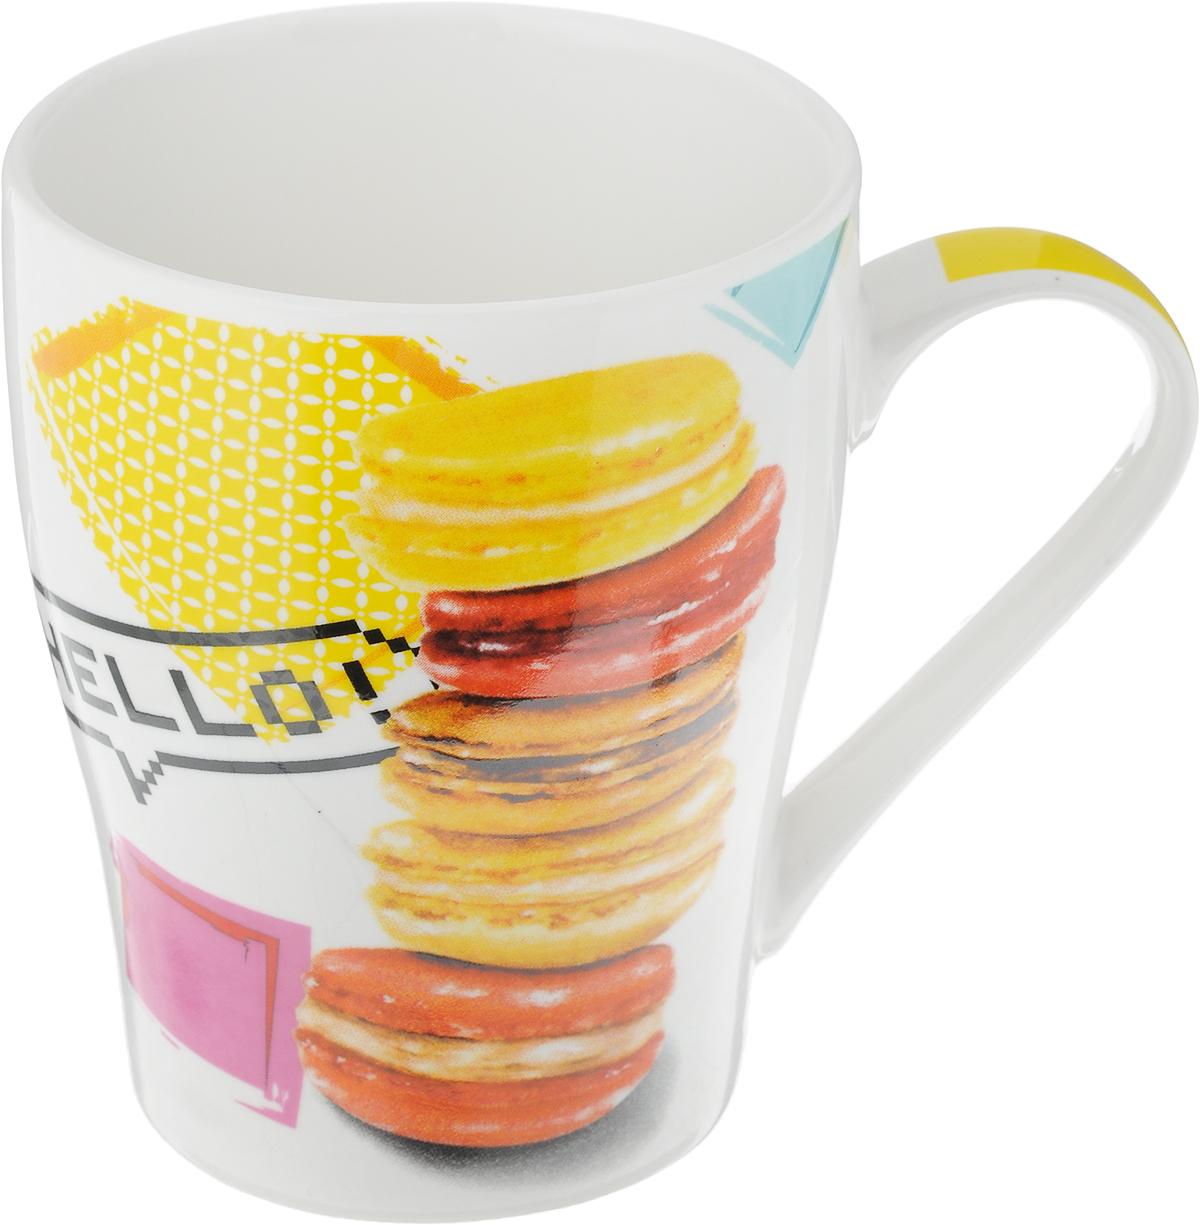 Кружка Loraine Десерт, цвет: белый, желтый, красный, 340 мл. 2657126571Кружка Loraine Десерт изготовлена из прочного качественного костяного фарфора. Изделие оформлено красочным рисунком. Благодаря своим термостатическим свойствам, изделие отлично сохраняет температуру содержимого - морозной зимой кружка будет согревать вас горячим чаем, а знойным летом, напротив, радовать прохладными напитками. Такой аксессуар создаст атмосферу тепла и уюта, настроит на позитивный лад и подарит хорошее настроение с самого утра. Это оригинальное изделие идеально подойдет в подарок близкому человеку. Диаметр (по верхнему краю): 8,5 см.Высота кружки: 10,5 см. Объем: 340 мл.